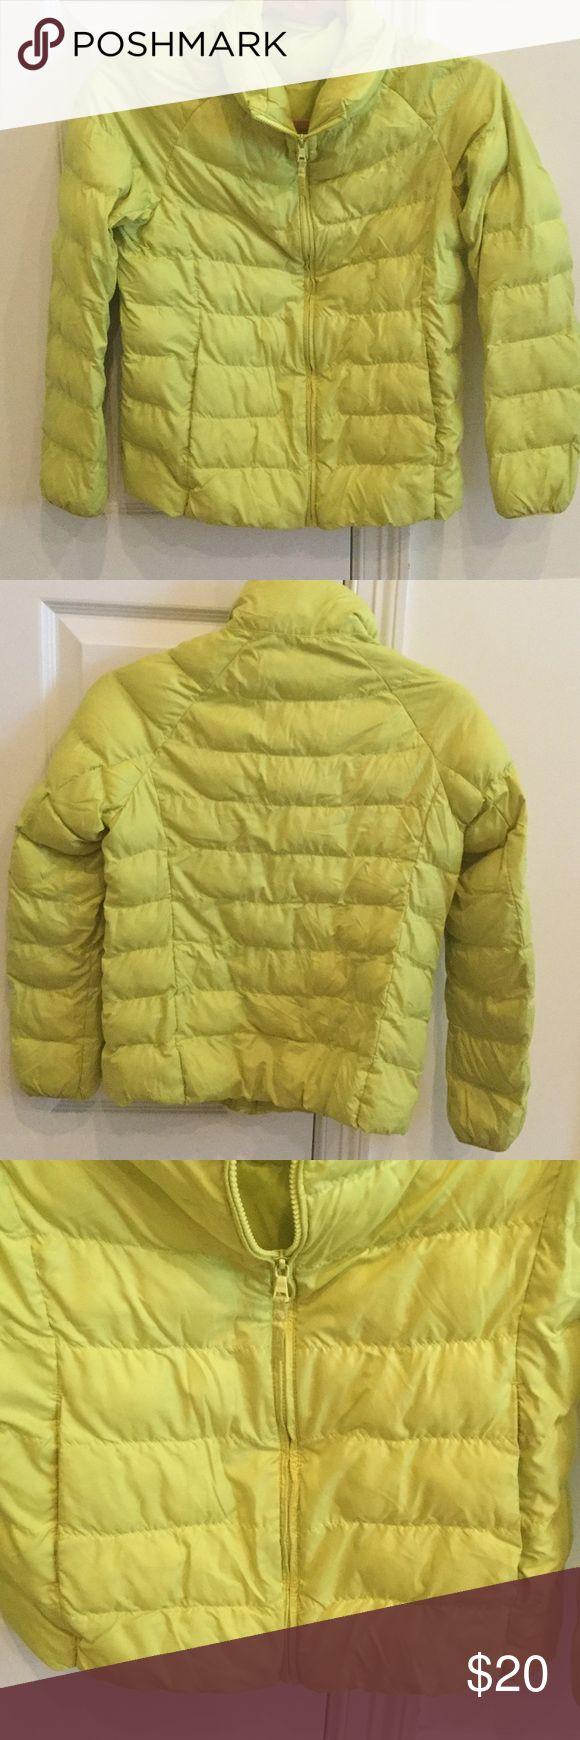 UNIQLO jacket UNIQLO light weight puffer jacket Uniqlo Jackets & Coats